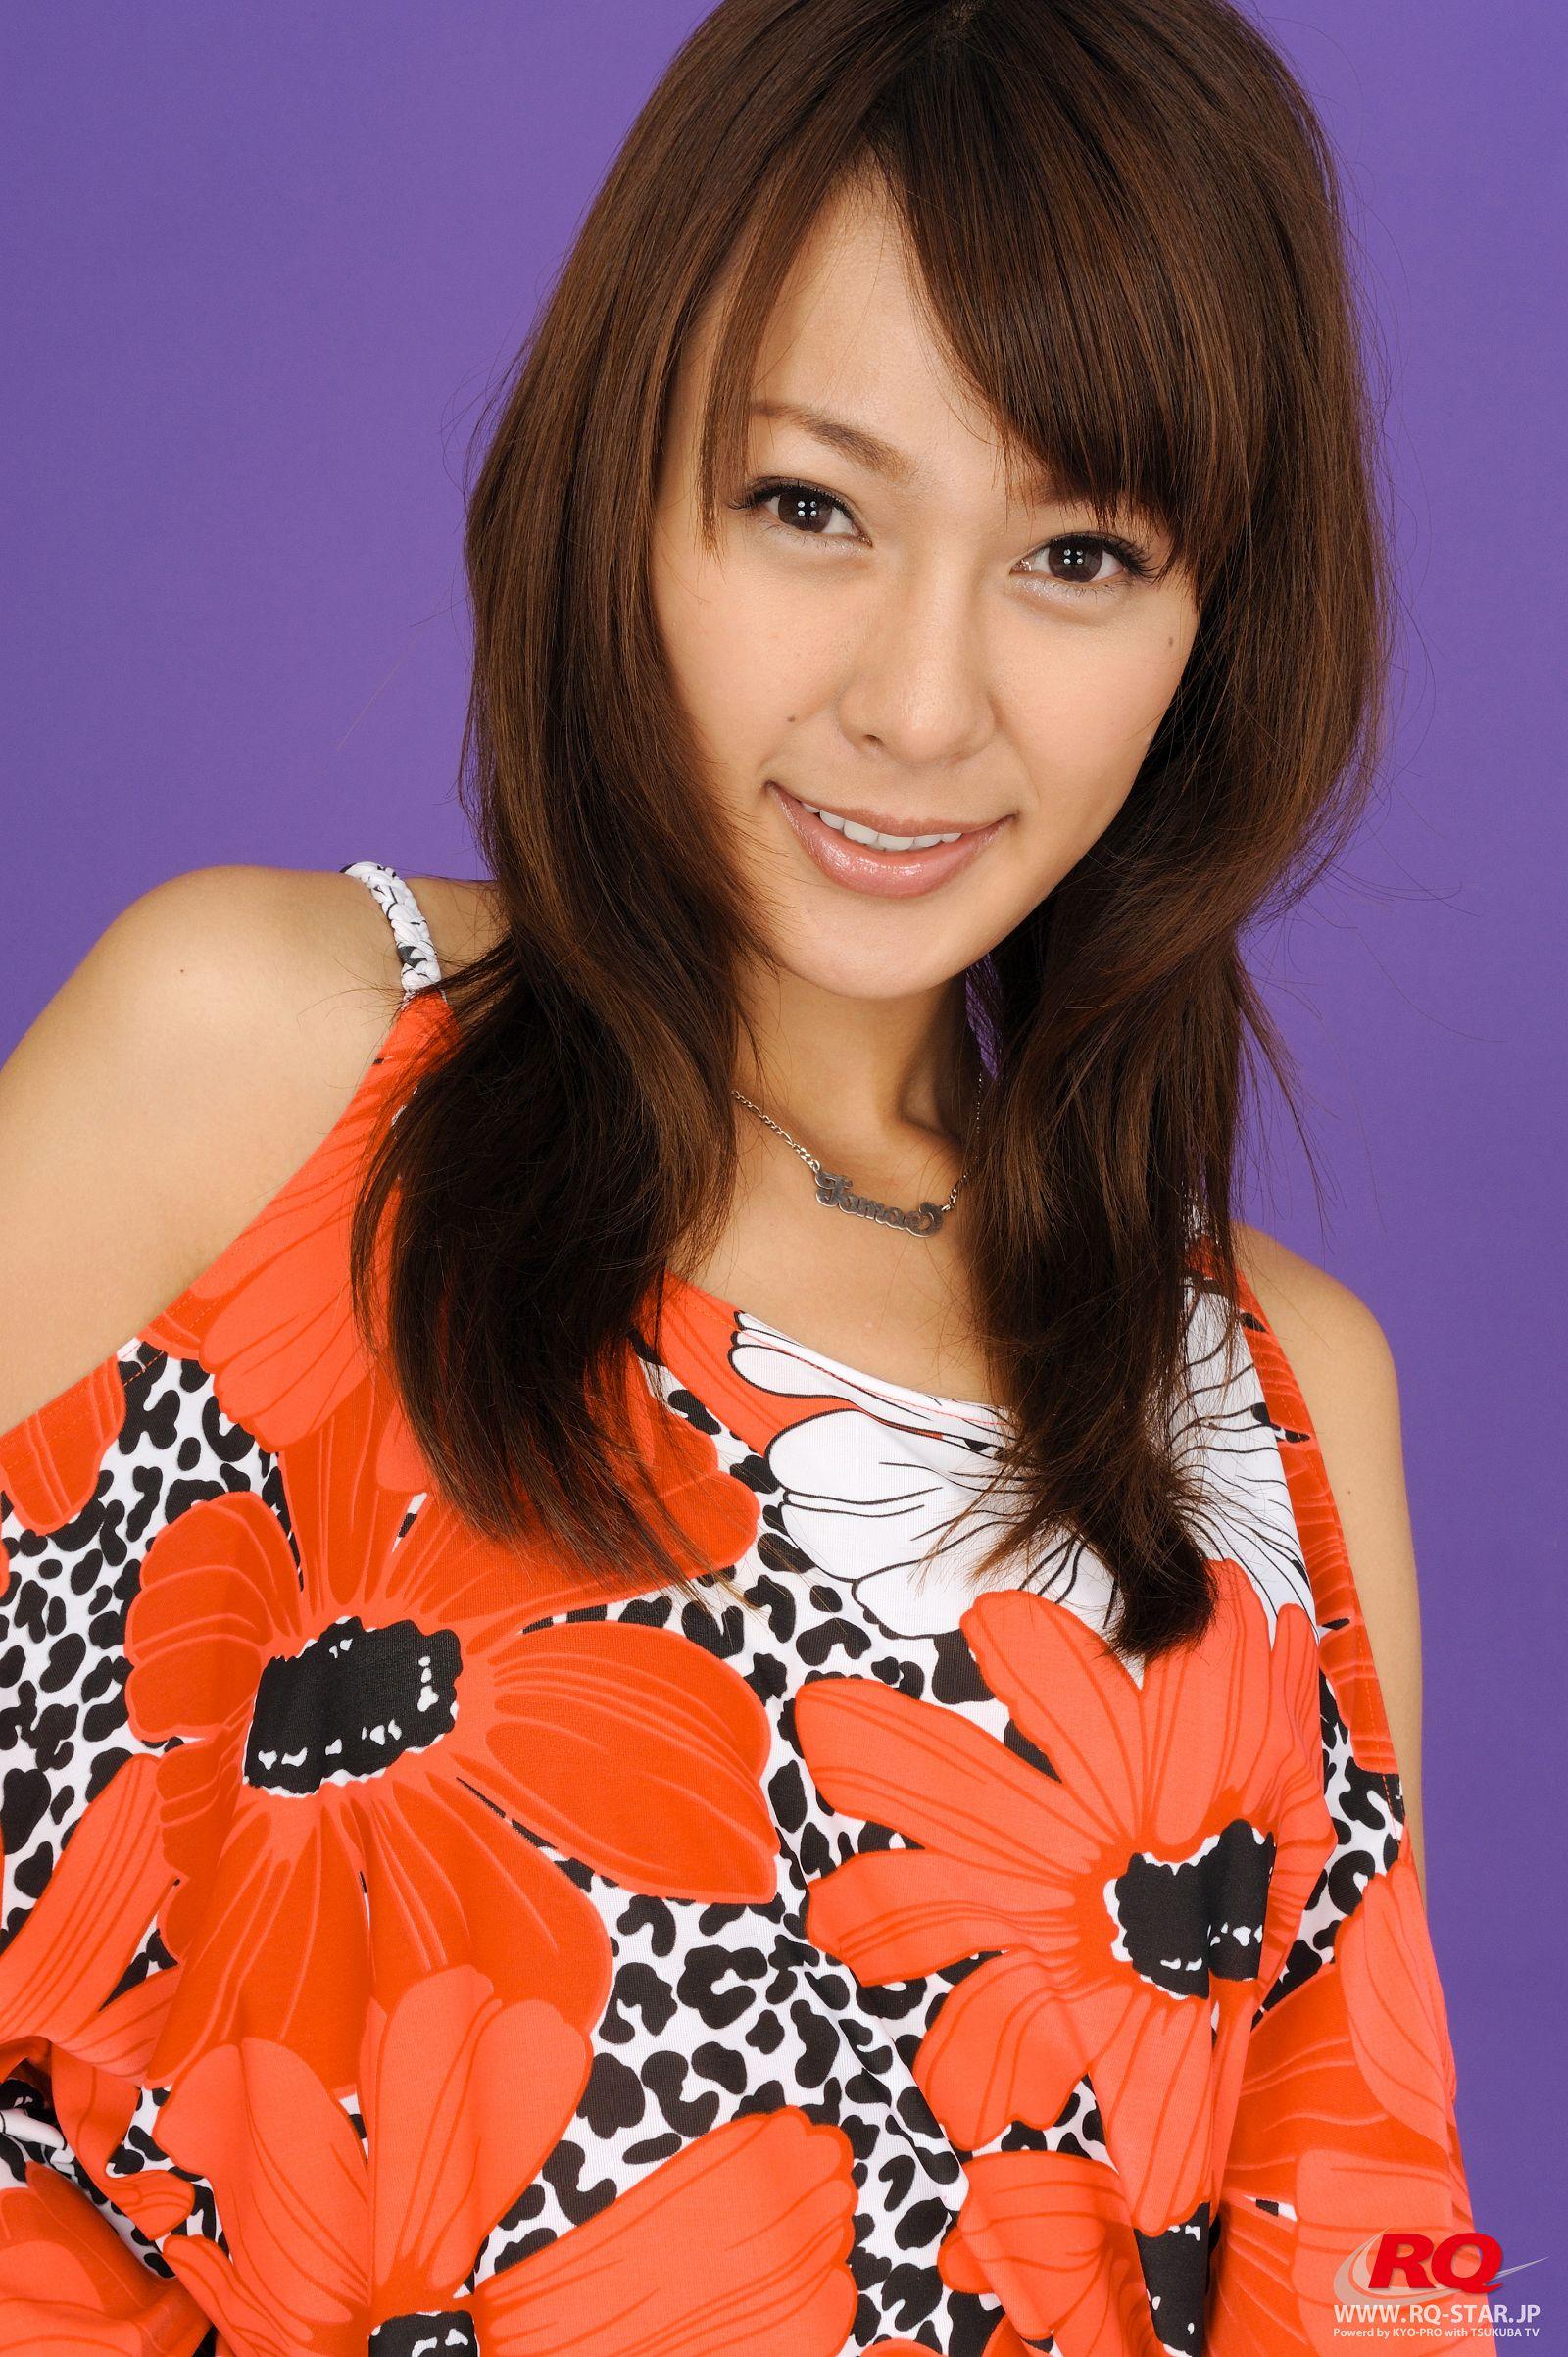 [RQ STAR美女] NO.0064 Tomoe Nakagawa 中川知映 Private Dress[90P] RQ STAR 第2张